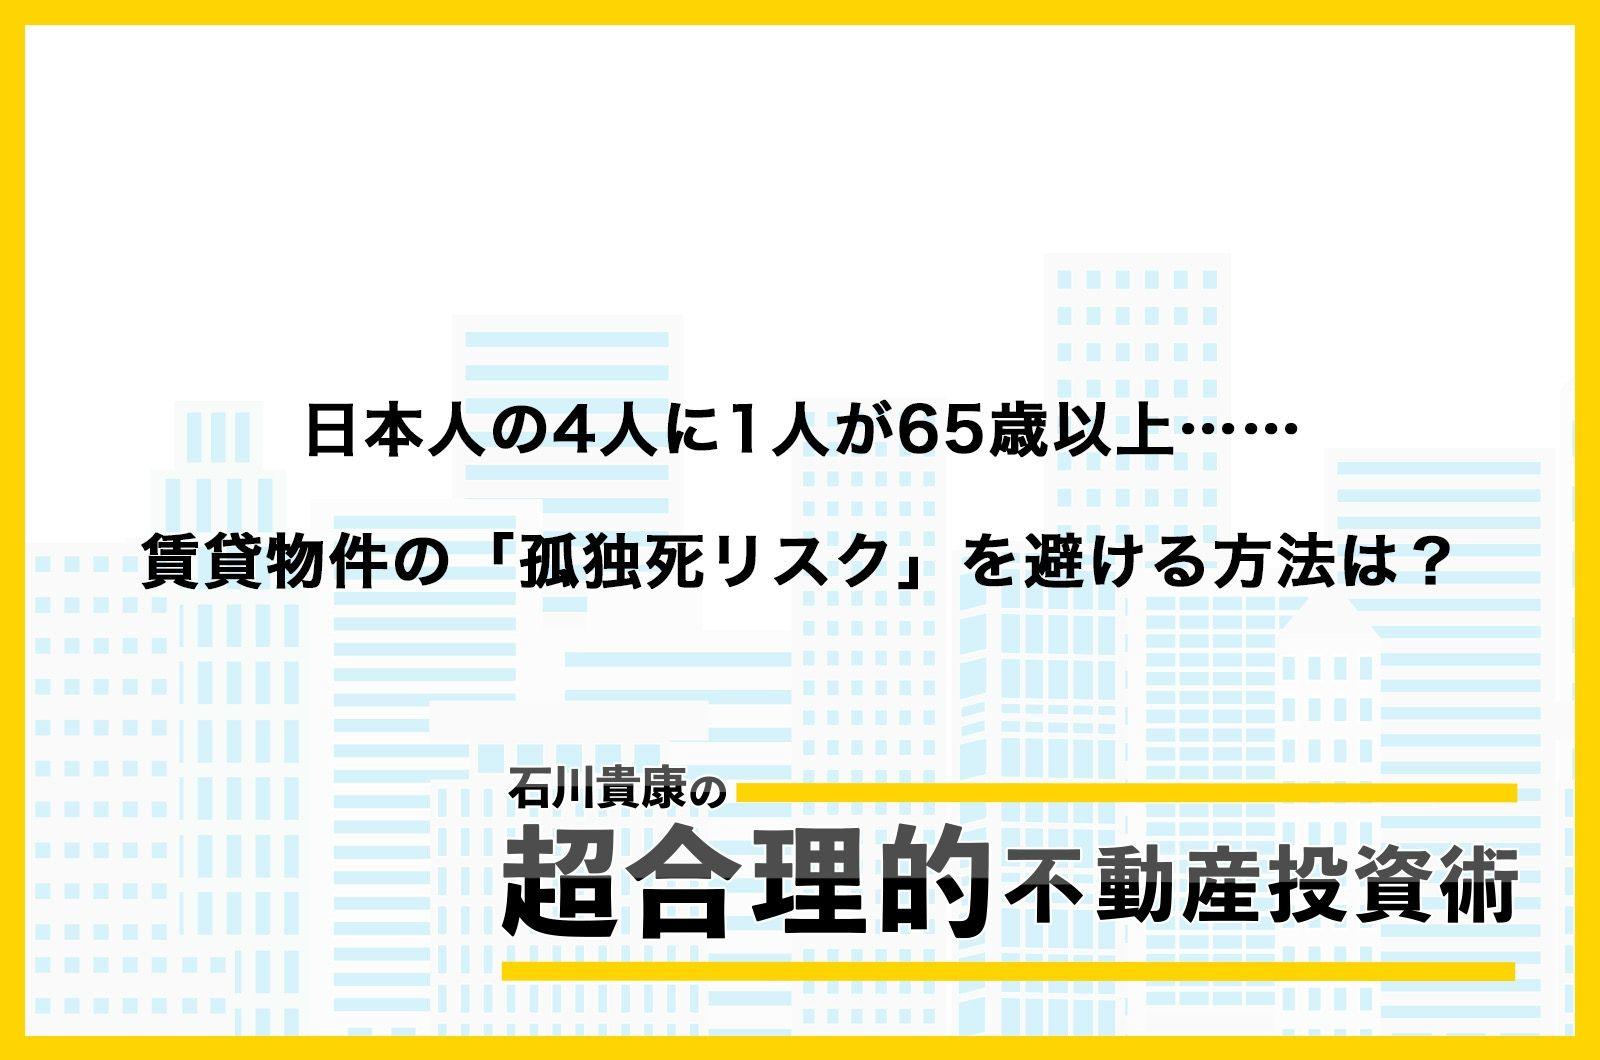 日本人の4人に1人が65歳以上……賃貸物件の「孤独死リスク」を避ける方法は?